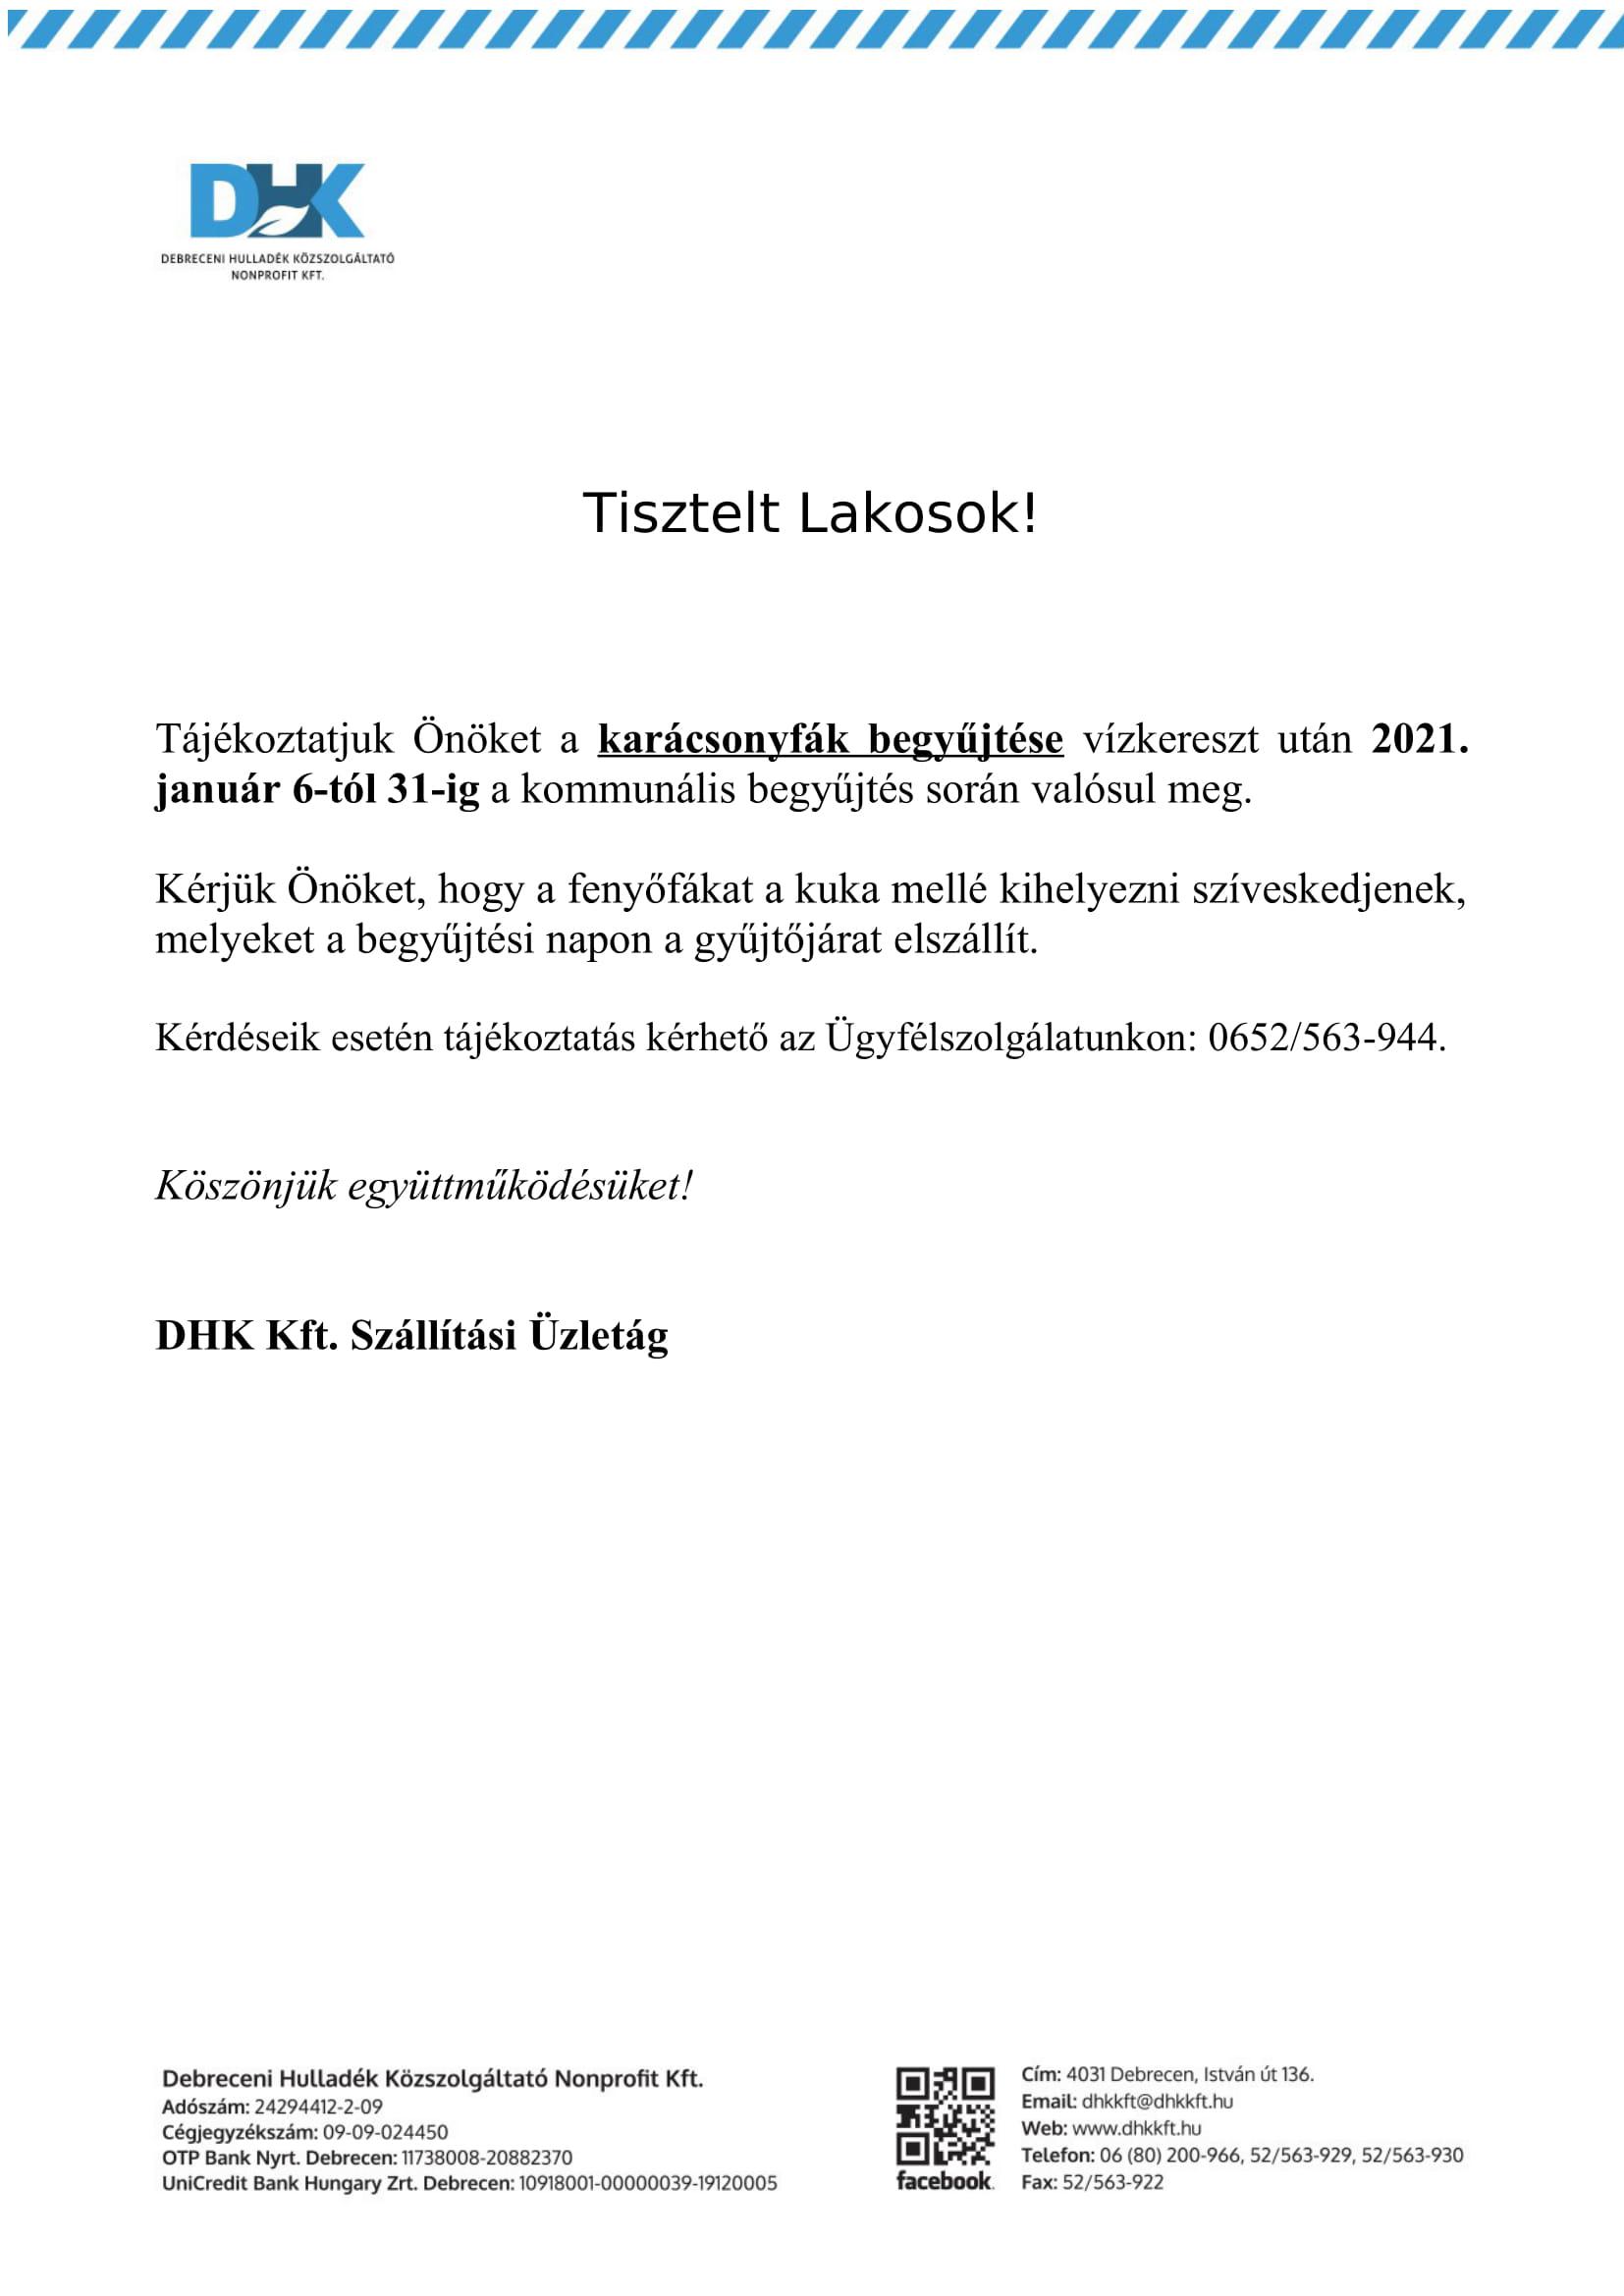 Debreceni Hulladék Közszolgáltató Kft. mai napon megküldött tájékoztatója